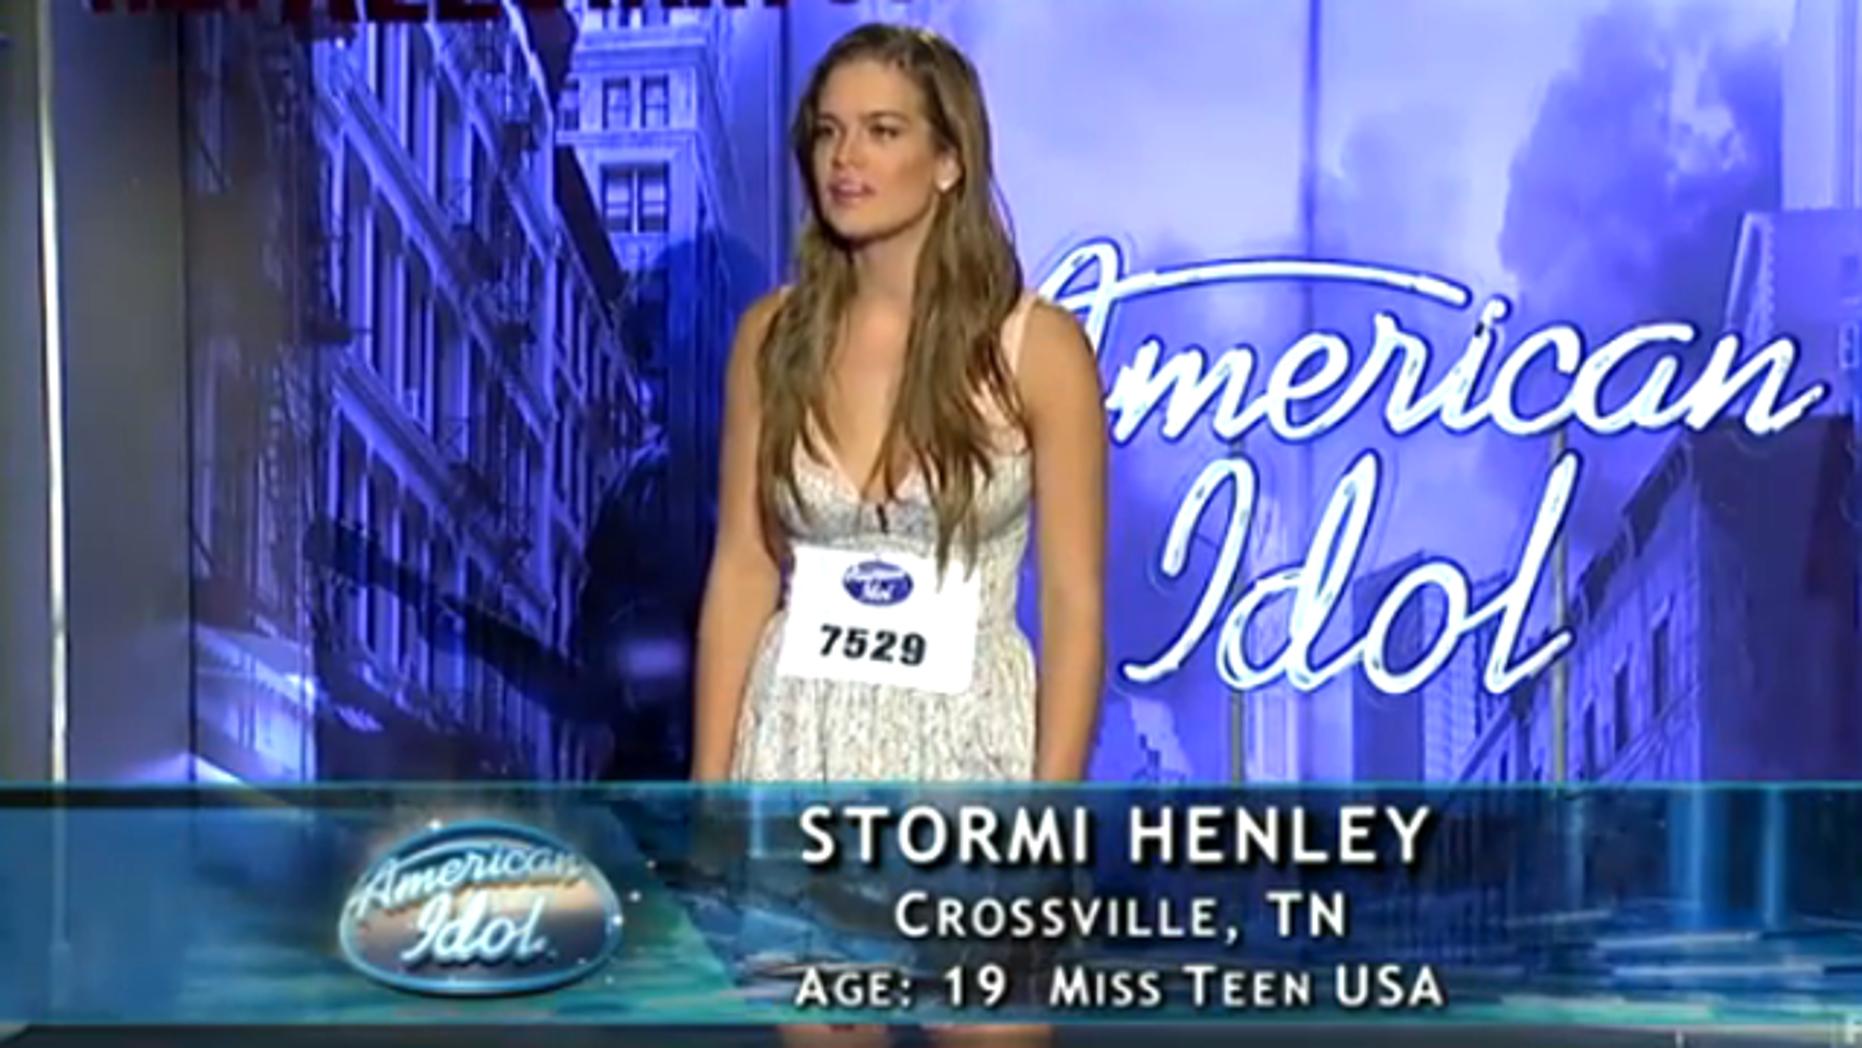 Beauty queen Stormi Henley on 'American Idol.' (Fox)